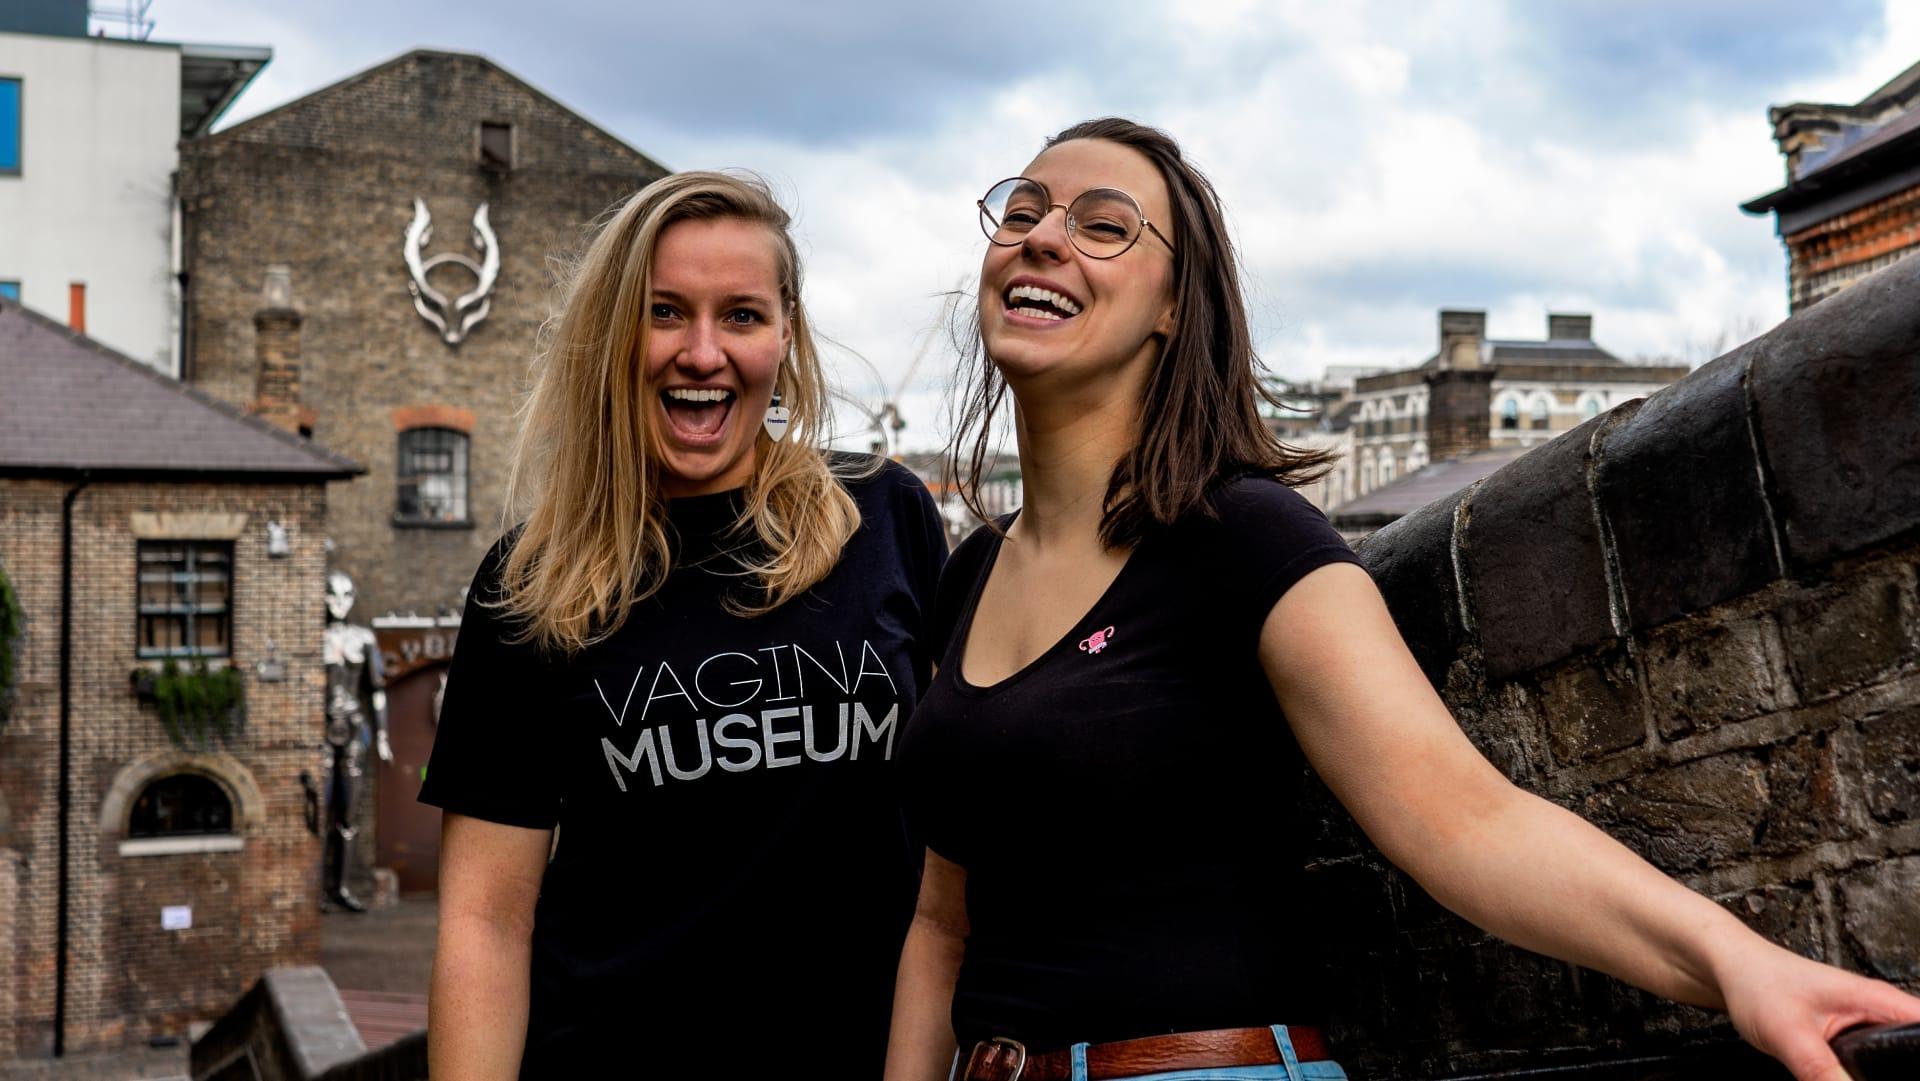 بهدف تحدي وصمة العار.. لندن تخطط إلى افتتاح أول متحف للمهبل